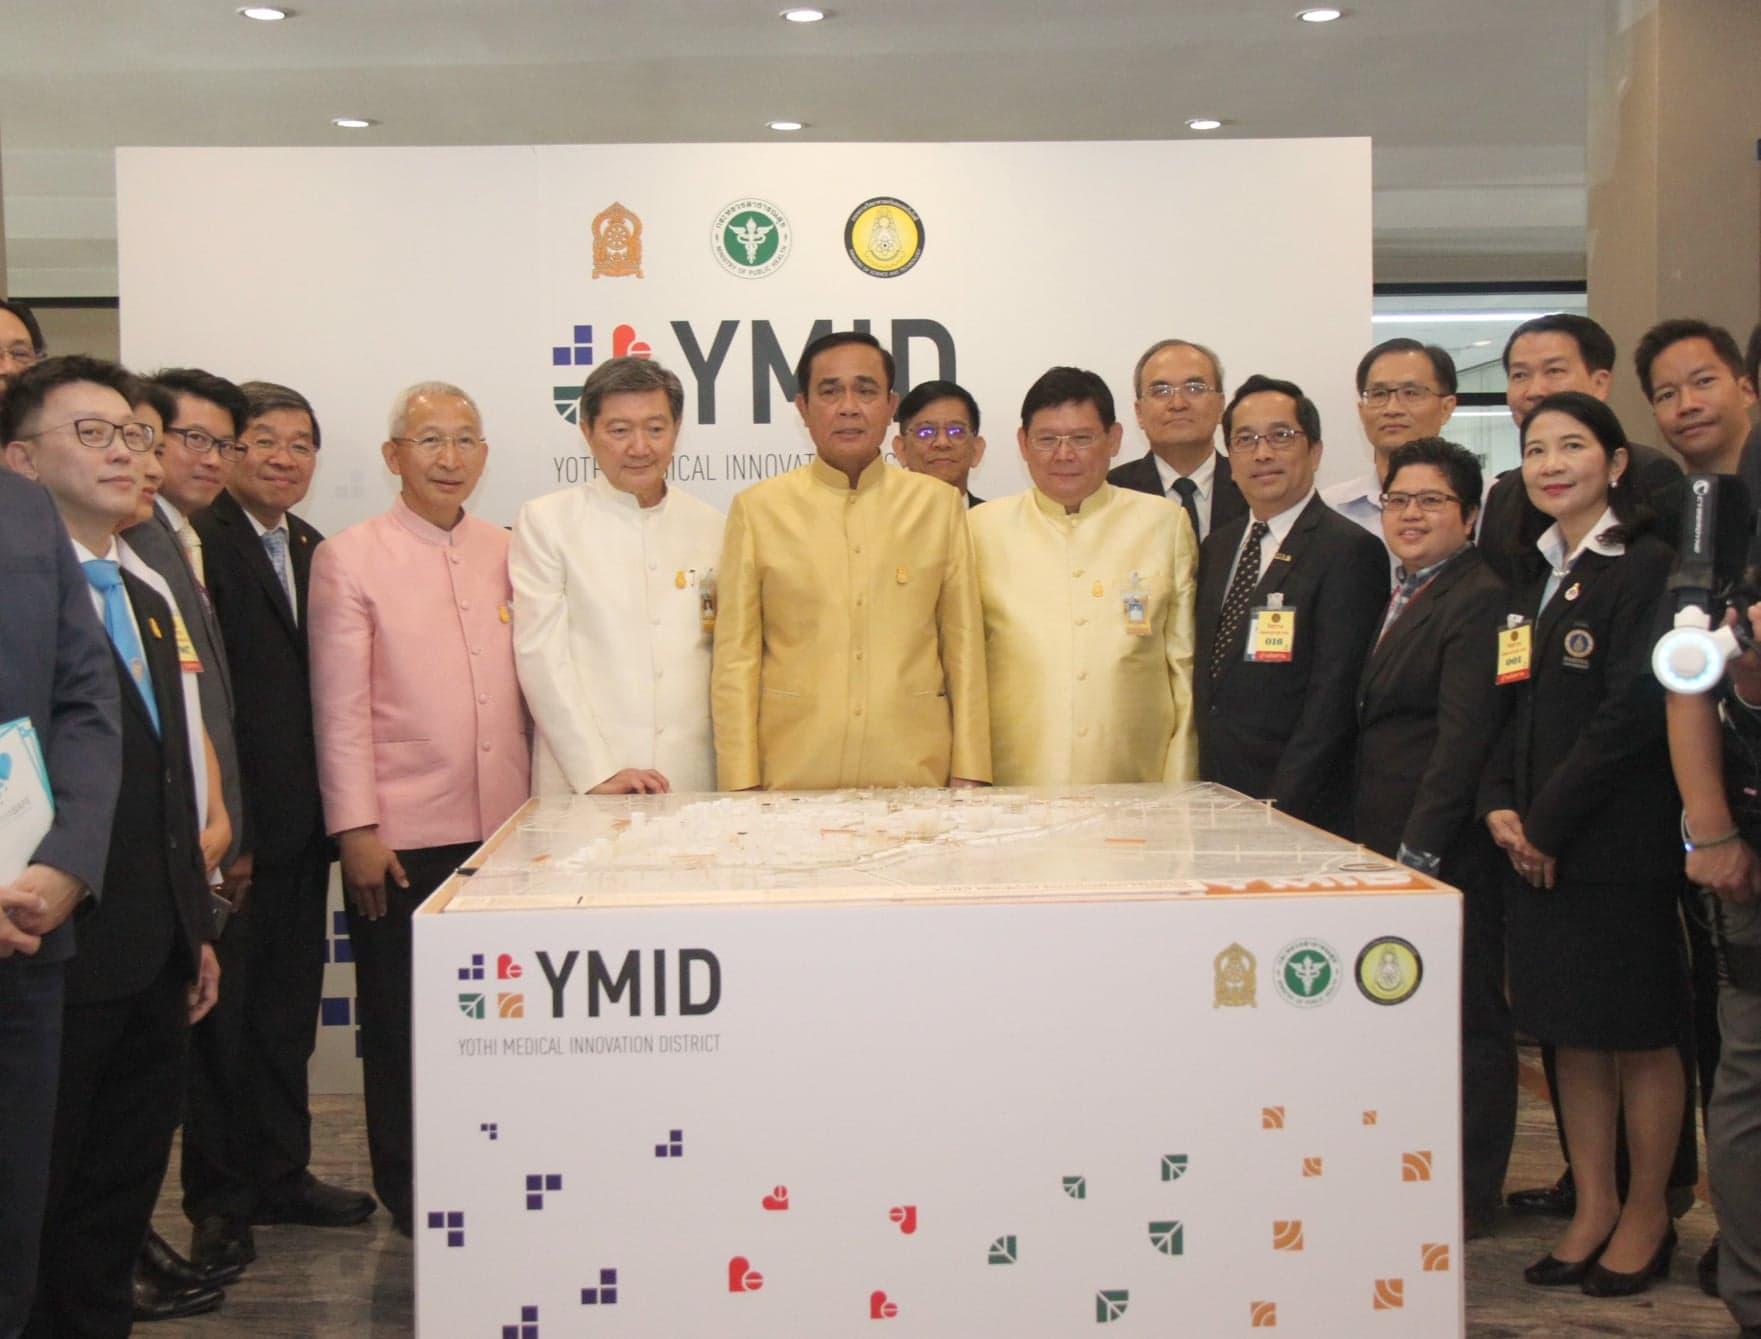 ย่านนวัตกรรมการแพทย์โยธี ศูนย์กลางนวัตกรรมและบริการทางการแพทย์ สุขภาพ ครบวงจร ของไทย